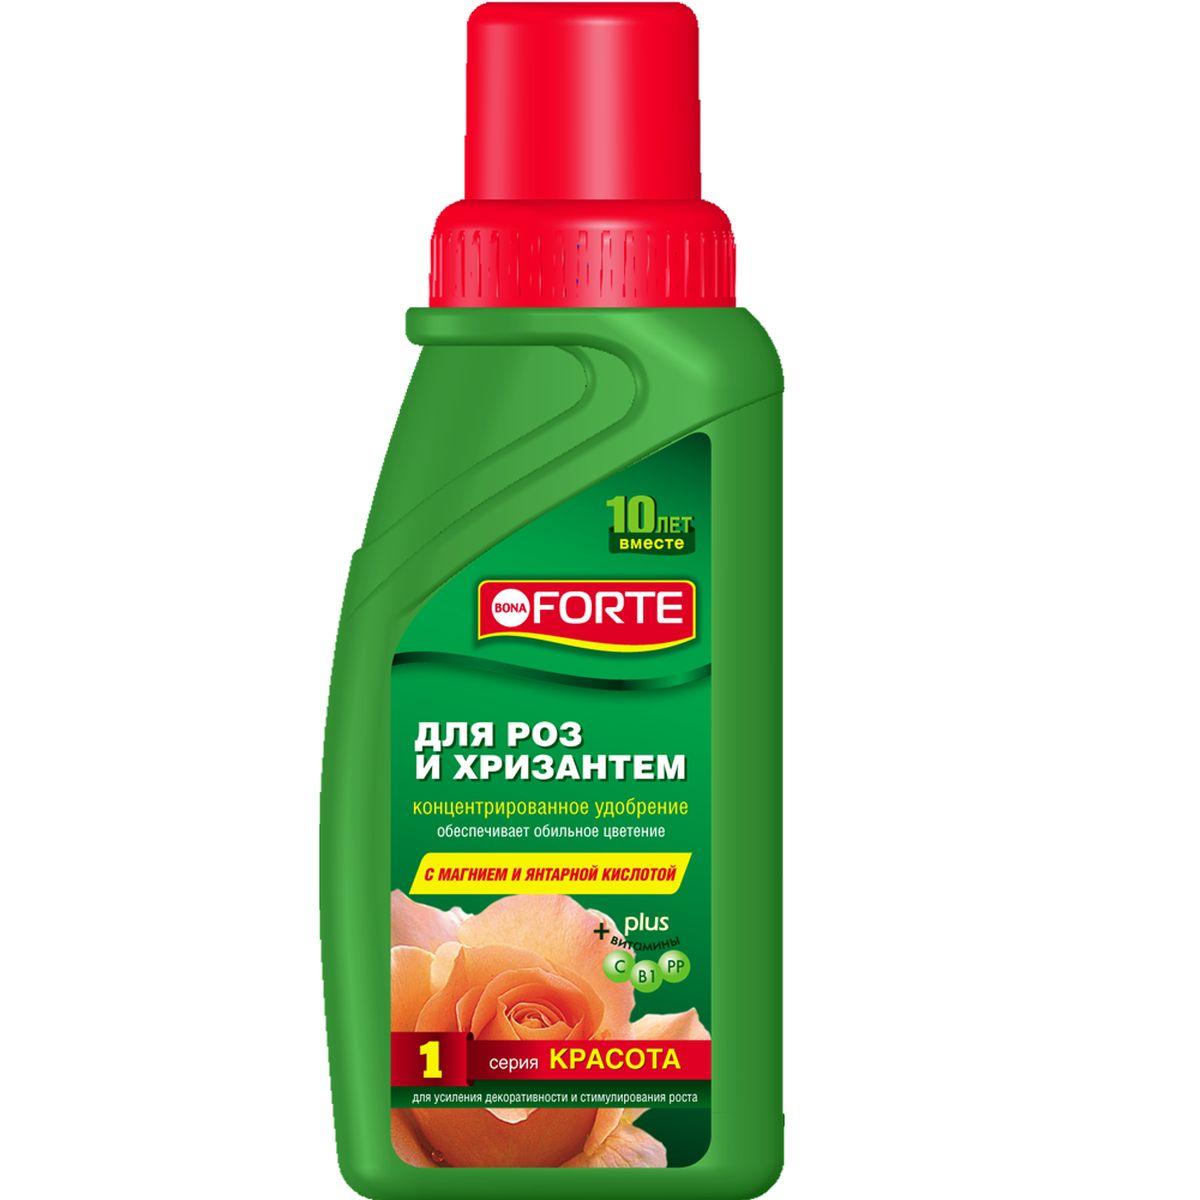 Жидкое комплексное удобрение Bona Forte, для роз и хризантем, 285 млK100Стимулирует повторное цветение и образование новых бутонов, укрепляет иммунитет растений.Состав: Три основных макроэлемента (NPK): азот (N) - 3 %, фосфор (P2O5) - 4 %, калий (K2O) - 8 %;Основной мезоэлемент (Mg): магний(MgO) - 0,6 %Семь микроэлементов: бор, железо, марганец, цинк, медь, молибден, кобальт. Из них шесть микроэлементов в хелатной форме: железо, марганец, цинк, медь, молибден, кобальт. Комплекс витаминов: B1, PP, С. Стимулятор роста: янтарная кислота.